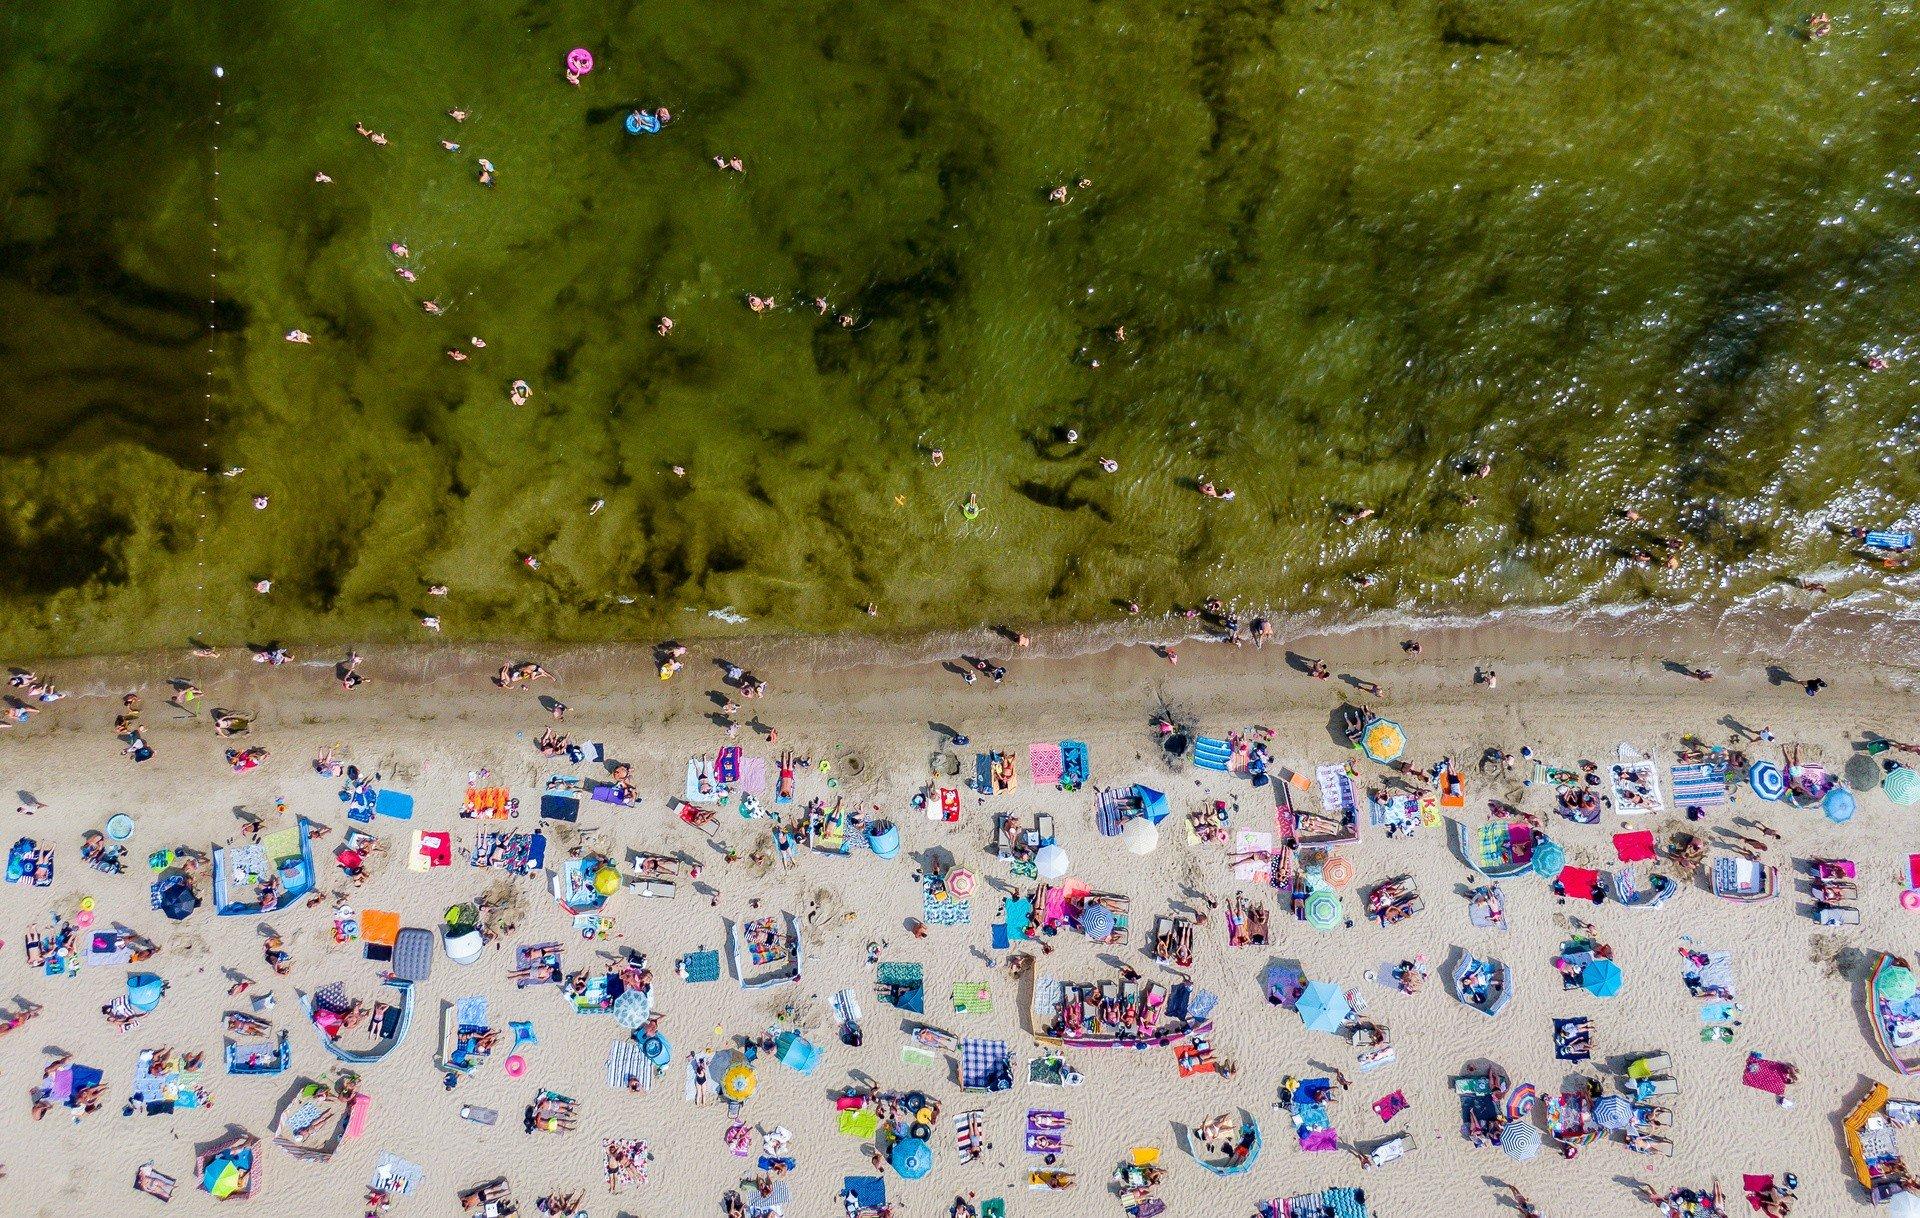 Sinice w Bałtyku 2020. Zamknięte kąpieliska nad morzem i jeziorami. 8.08.2020 r. To pokrzyżowało plany turystom | Polska Times